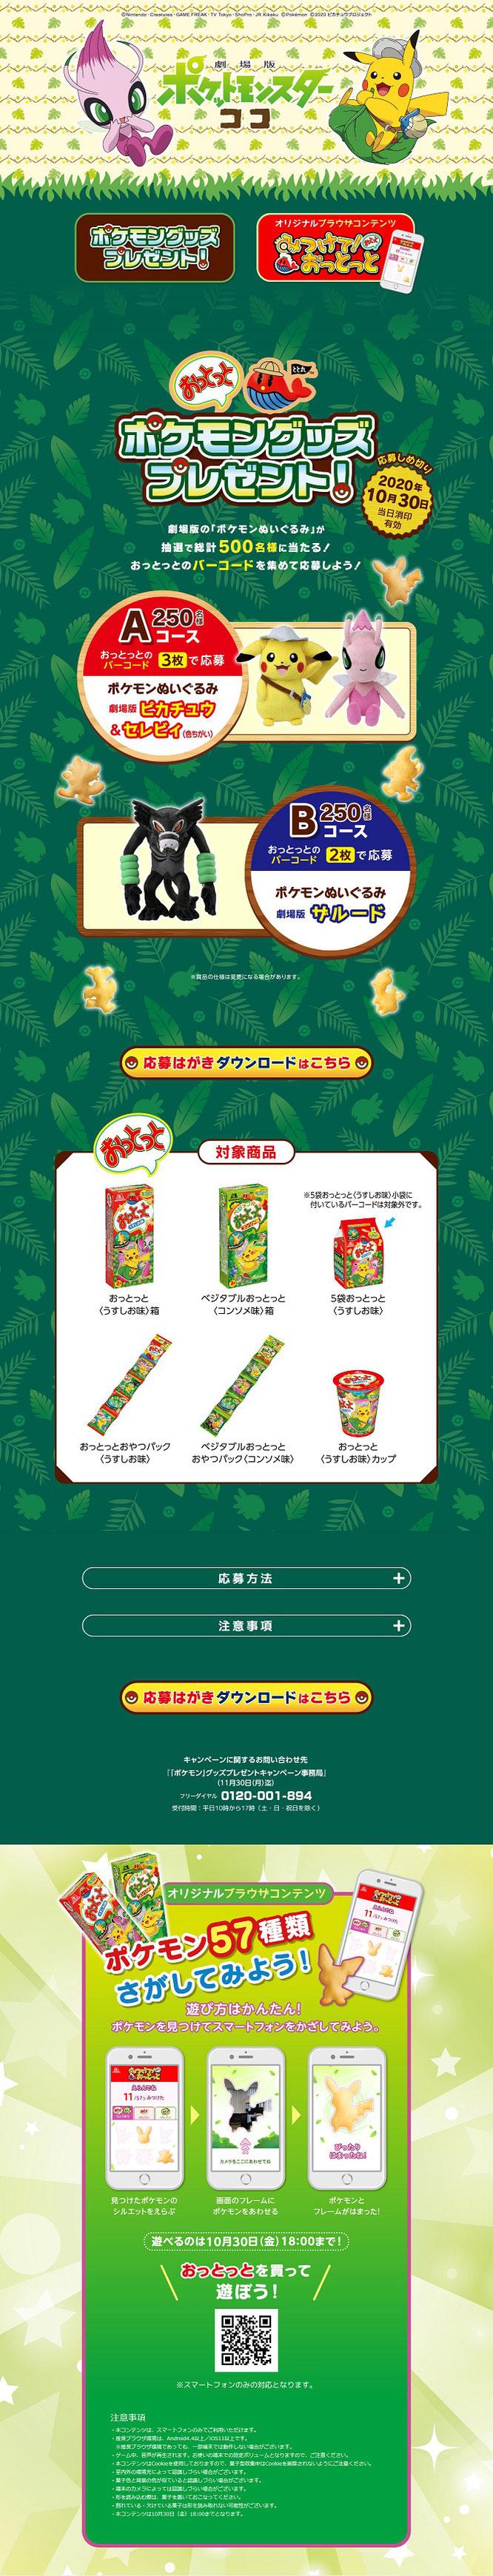 【森永製菓】おっとっと ポケモングッズプレゼントキャンペーン